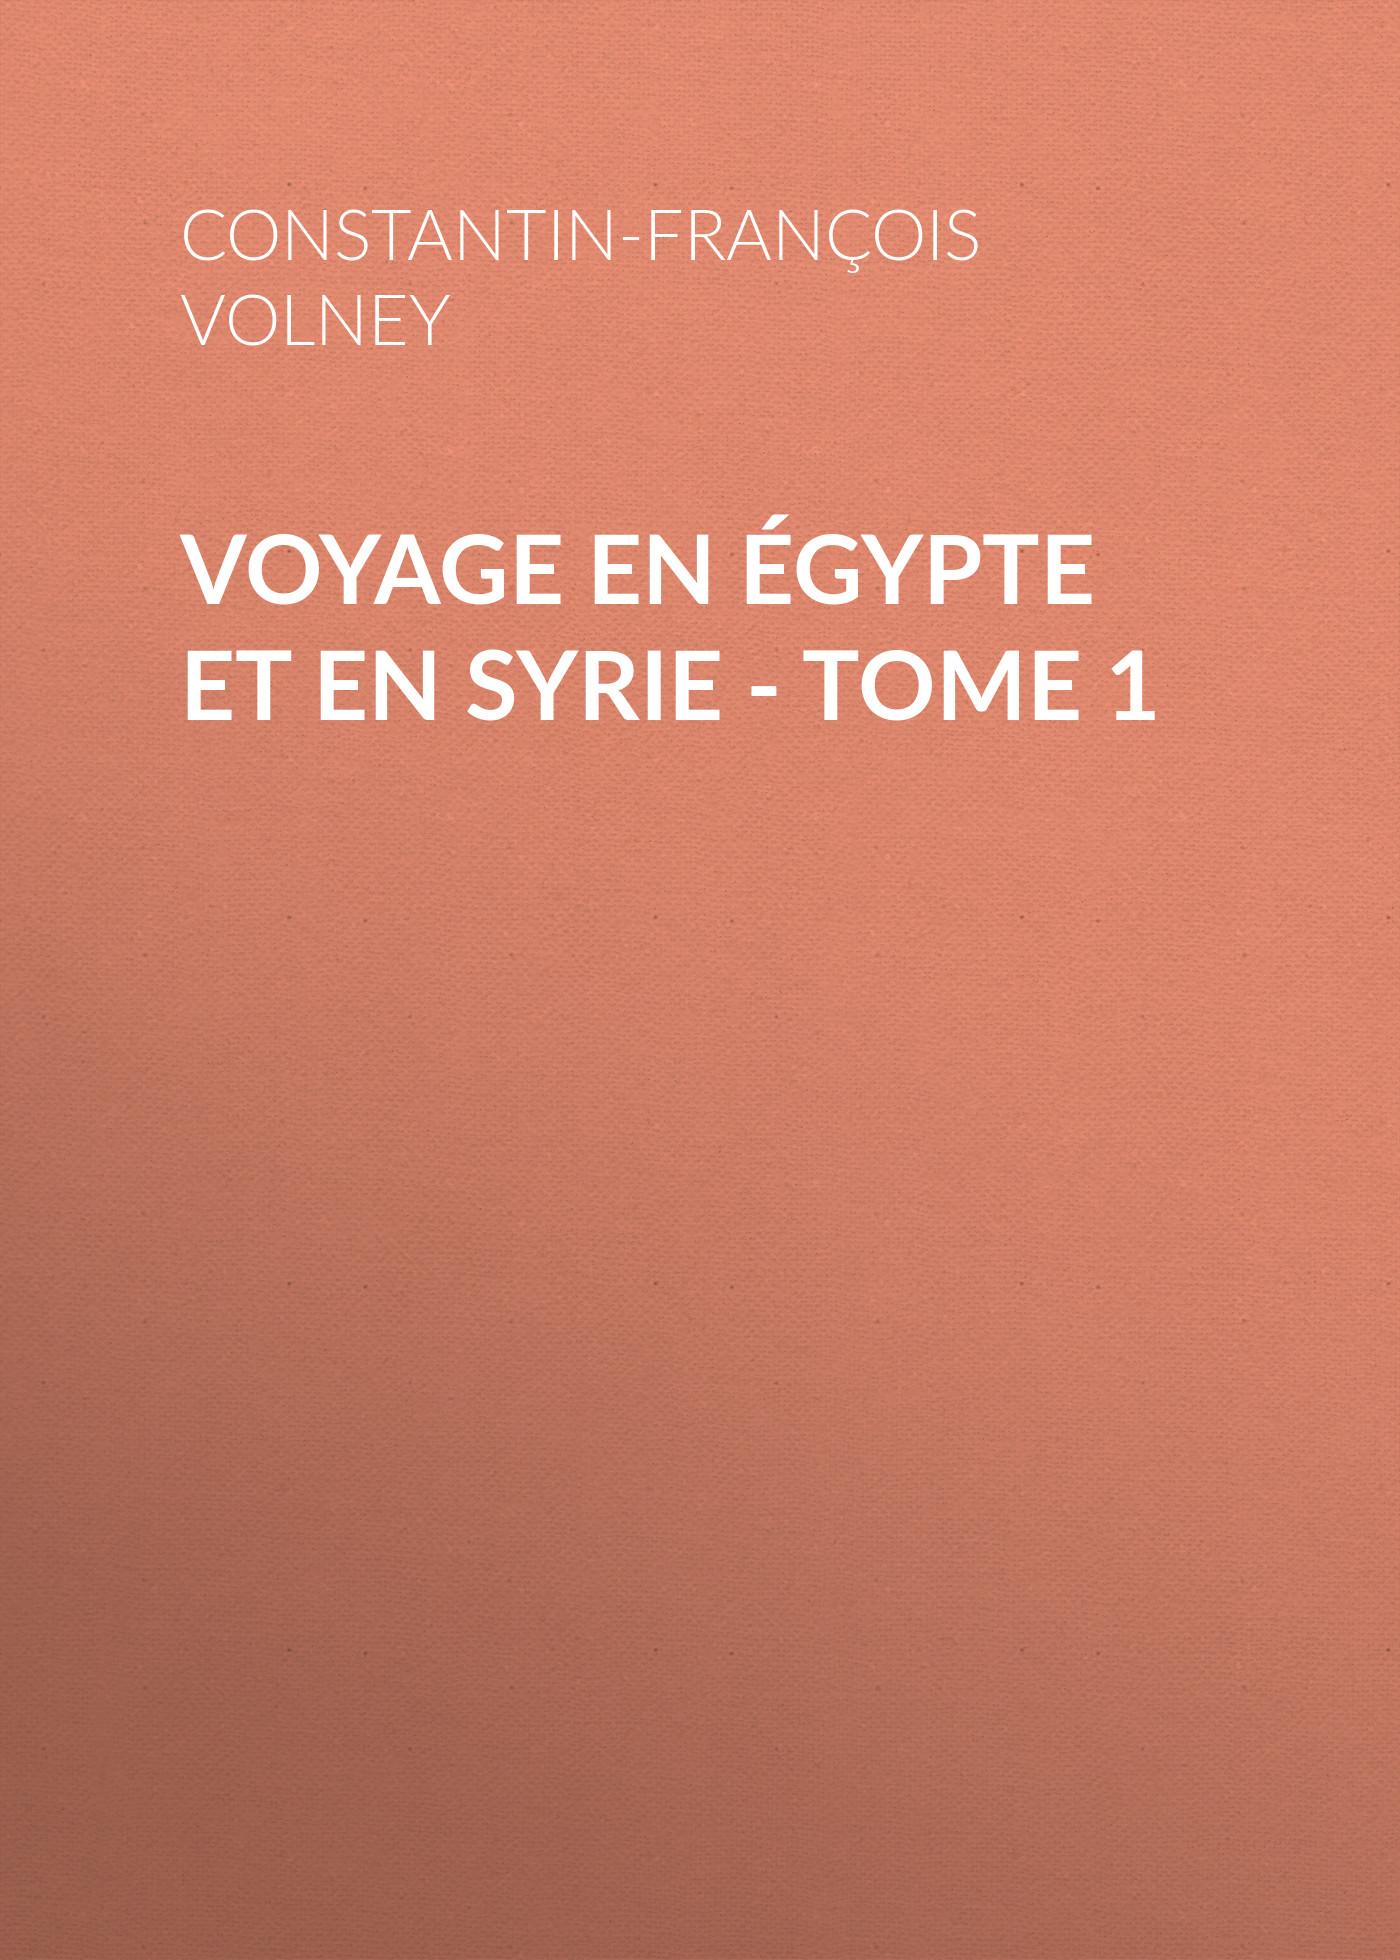 Constantin-François Volney Voyage en Égypte et en Syrie - Tome 1